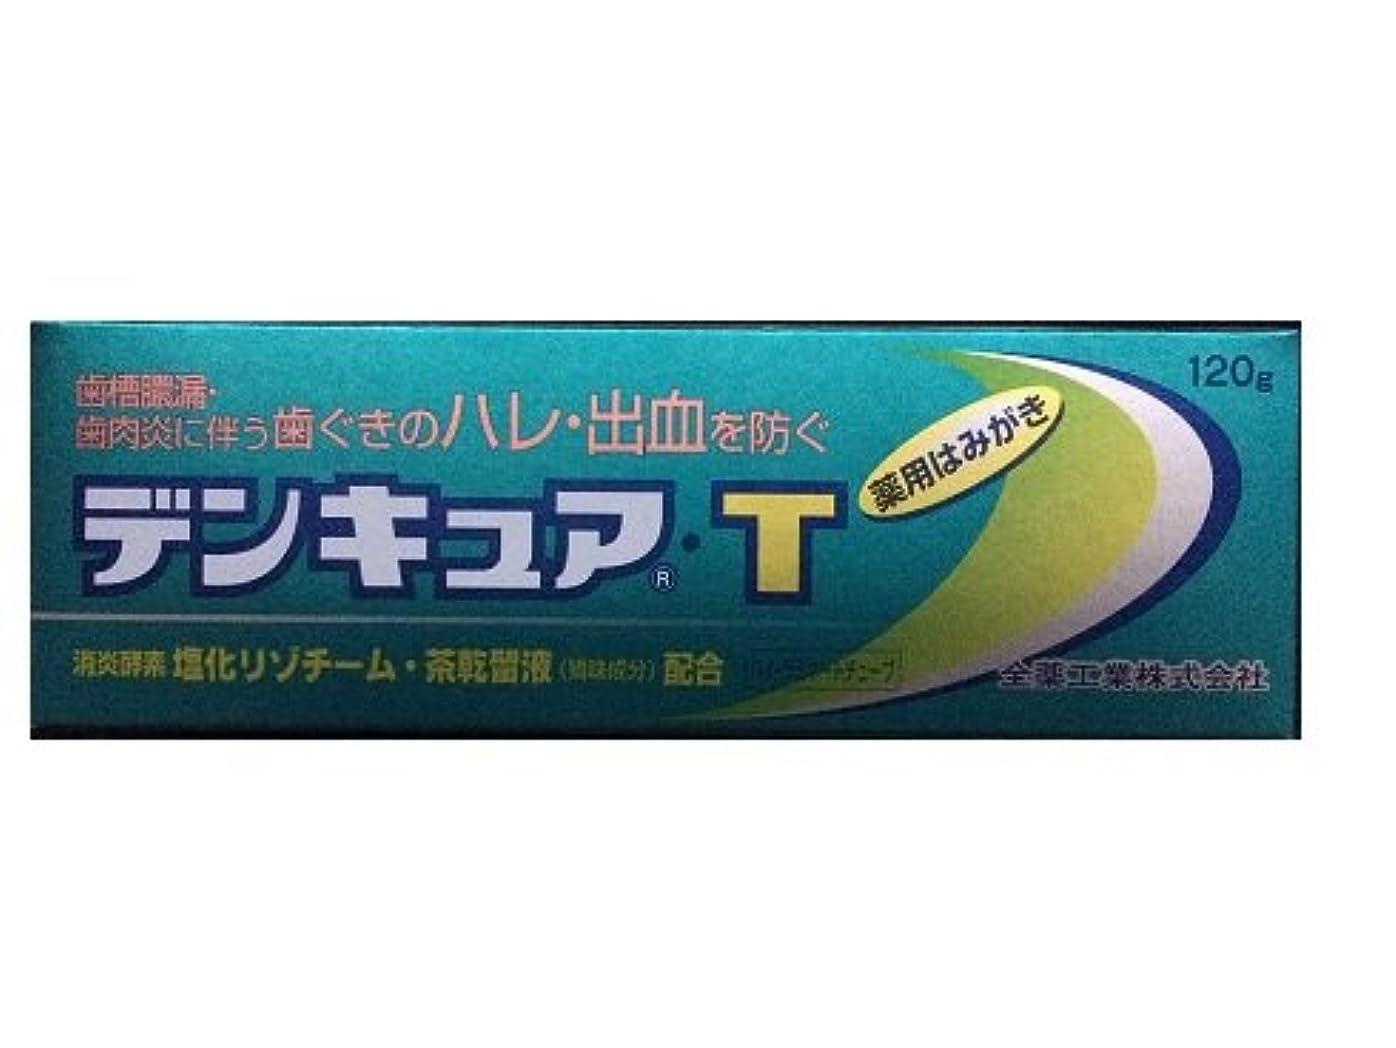 アクション甘美な船尾【全薬工業】デンキュア?T120g×10個